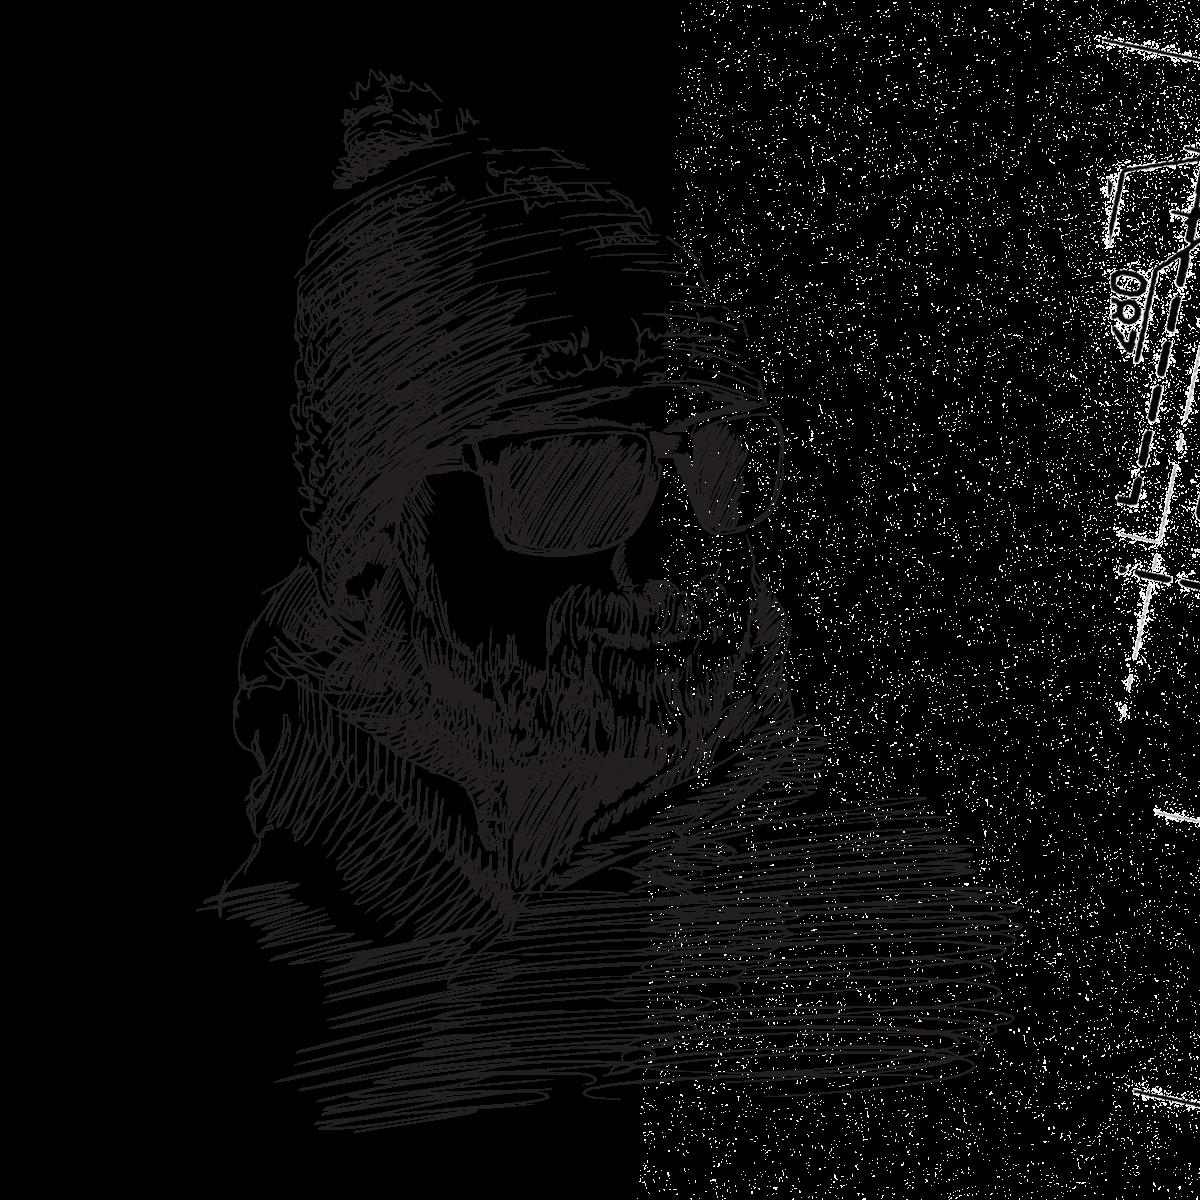 https://dev.ekipdeco.com/wp-content/uploads/2017/05/minimalist-image-team-member-02-large.png